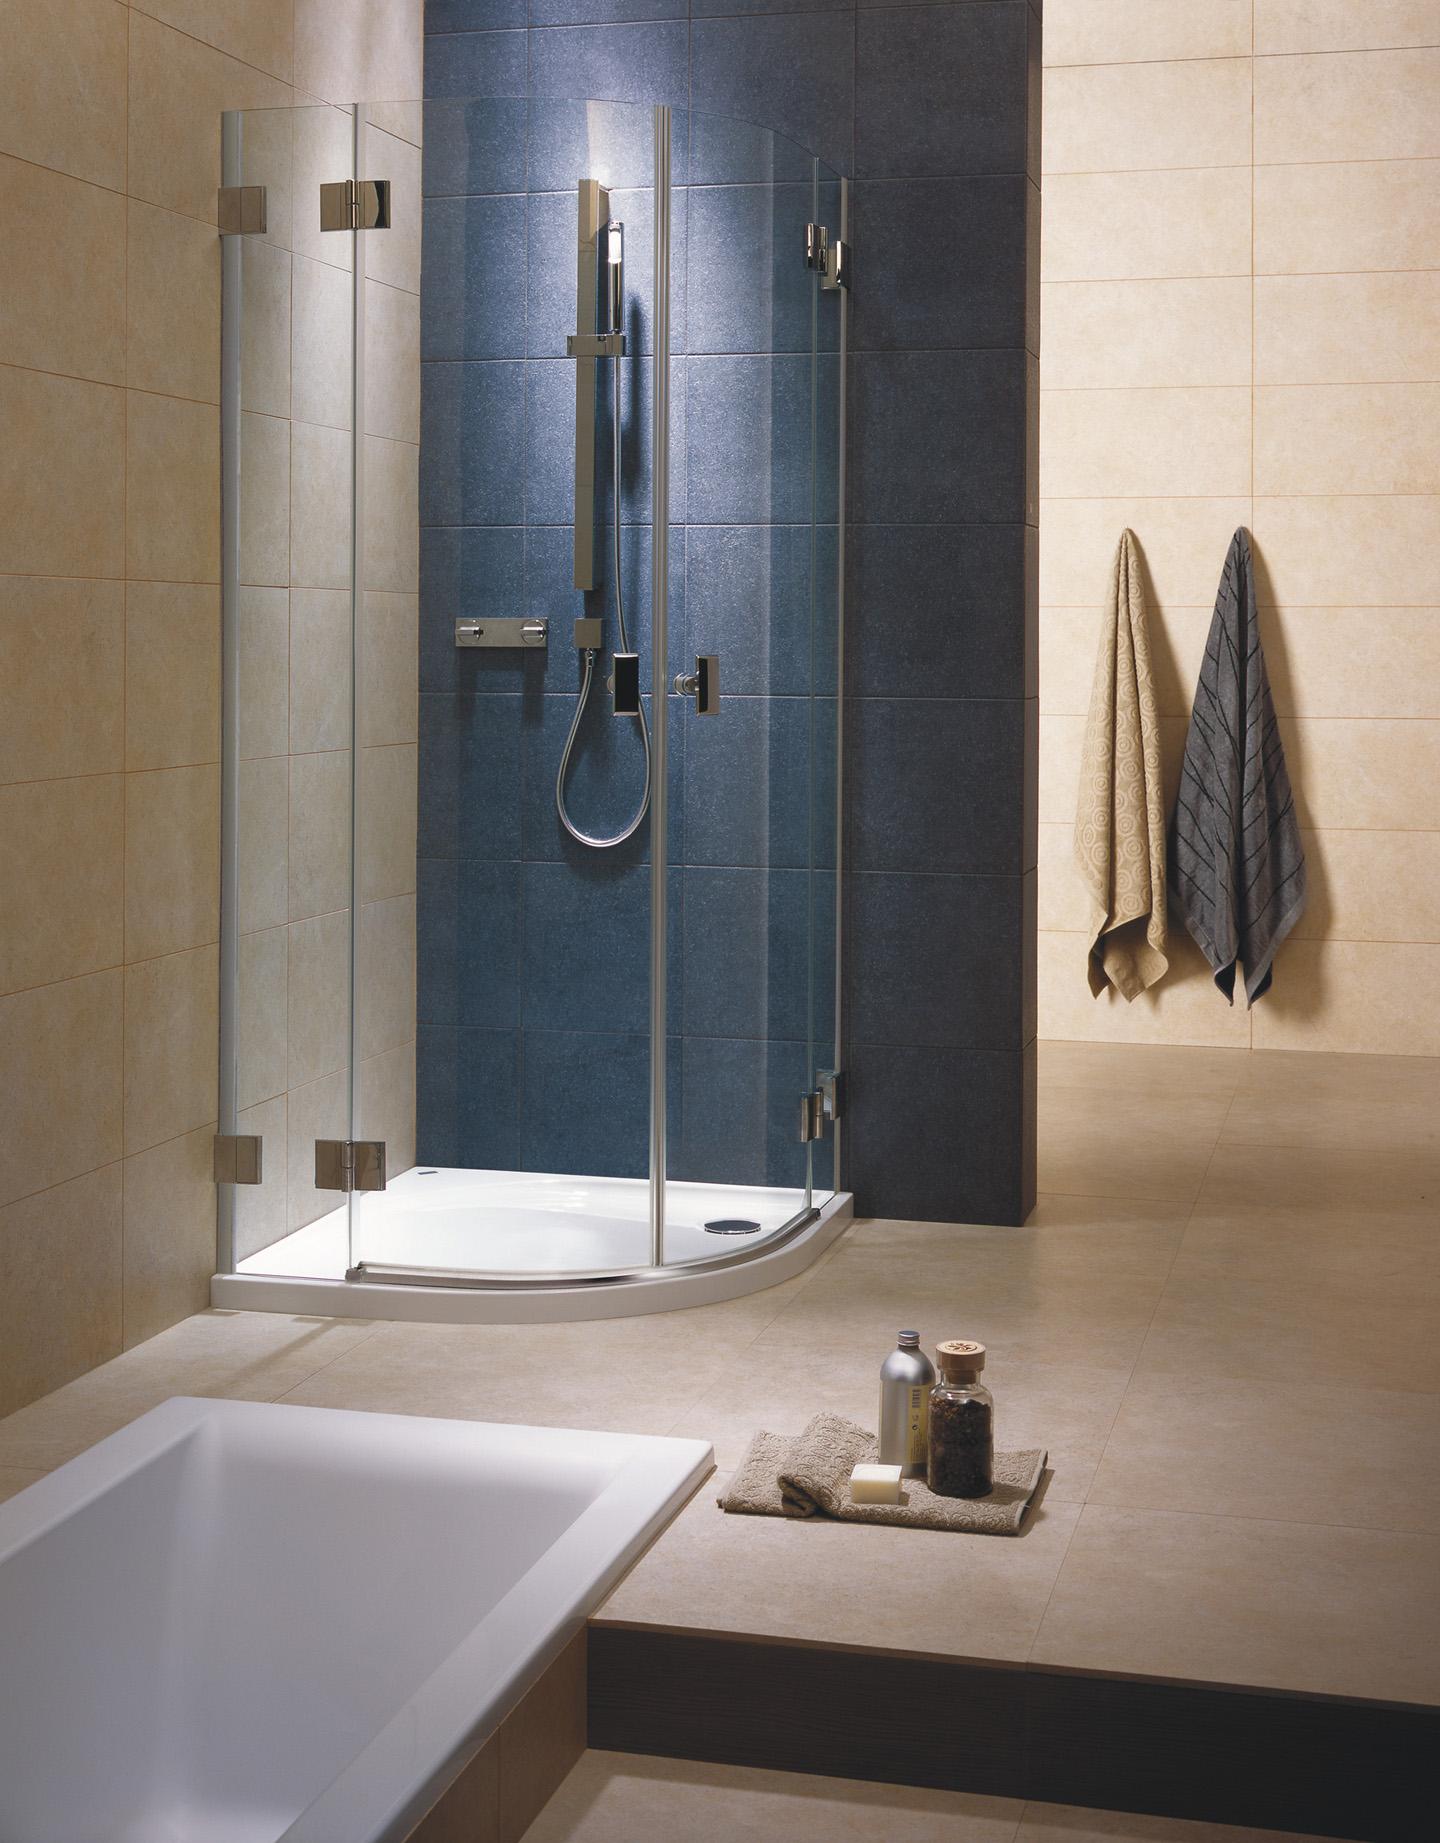 sprchové kouty KOLO NIVEN FKPF90222003 90x90